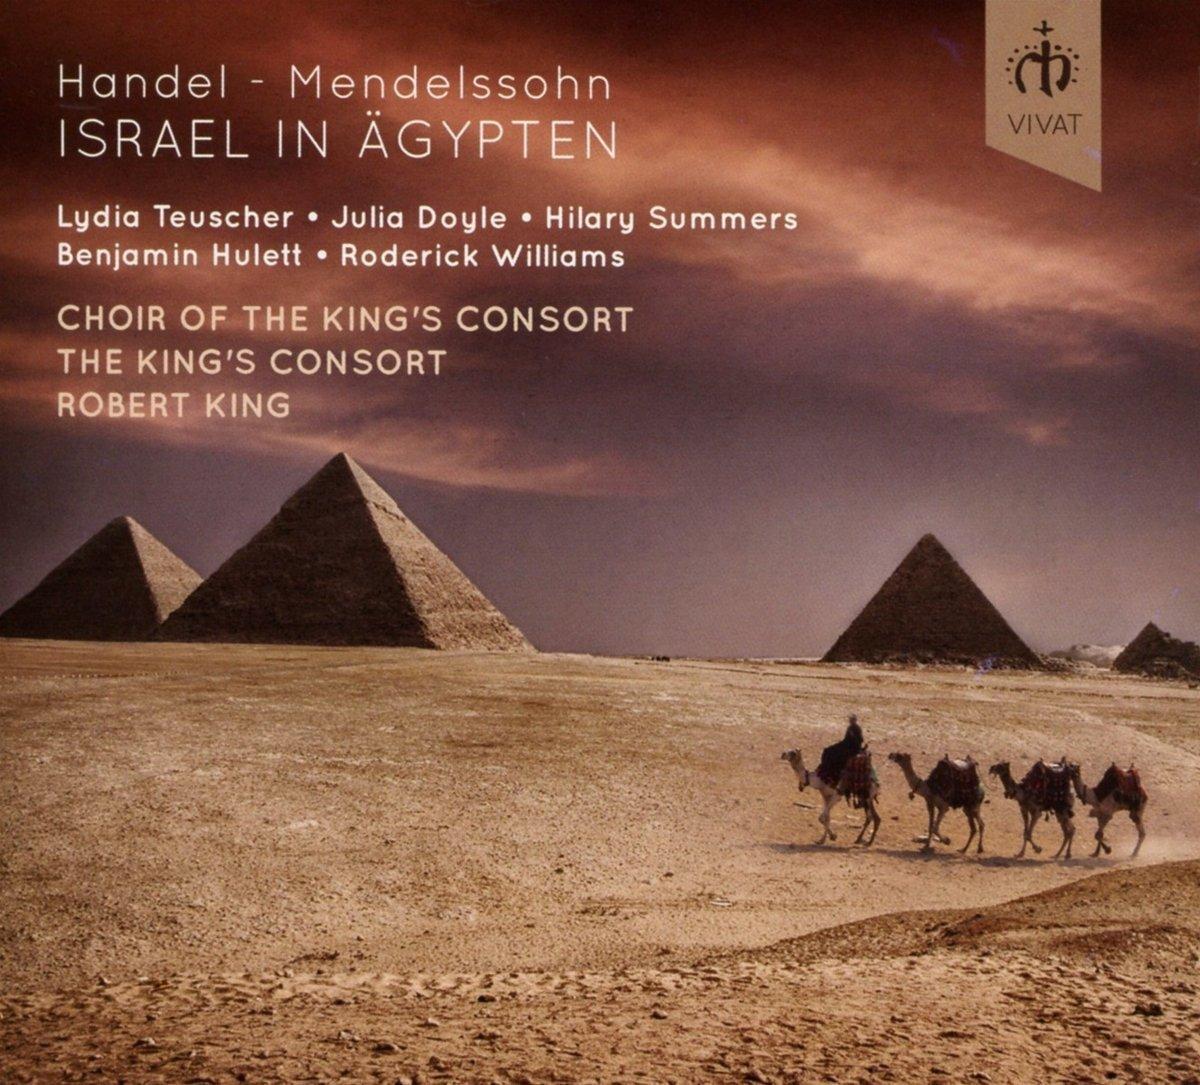 Handel - Mendelssohn: Israel in ÄgyptenChoir of the King's Consort / The King's Consort / Robert KingVivat, 2016 -